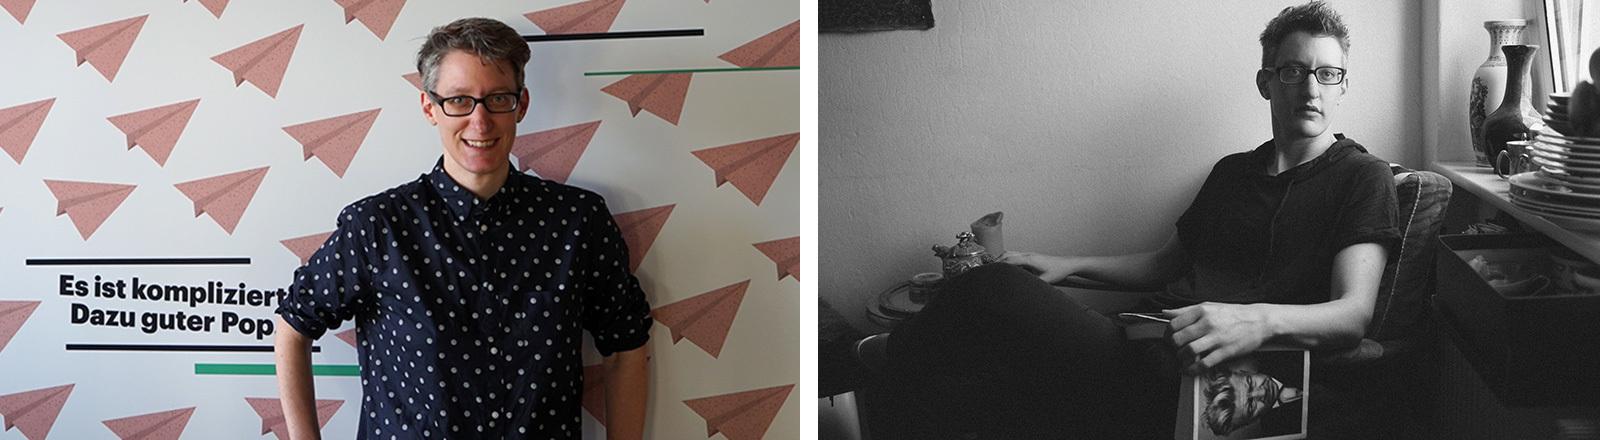 Linus Giese in zwei Bildern